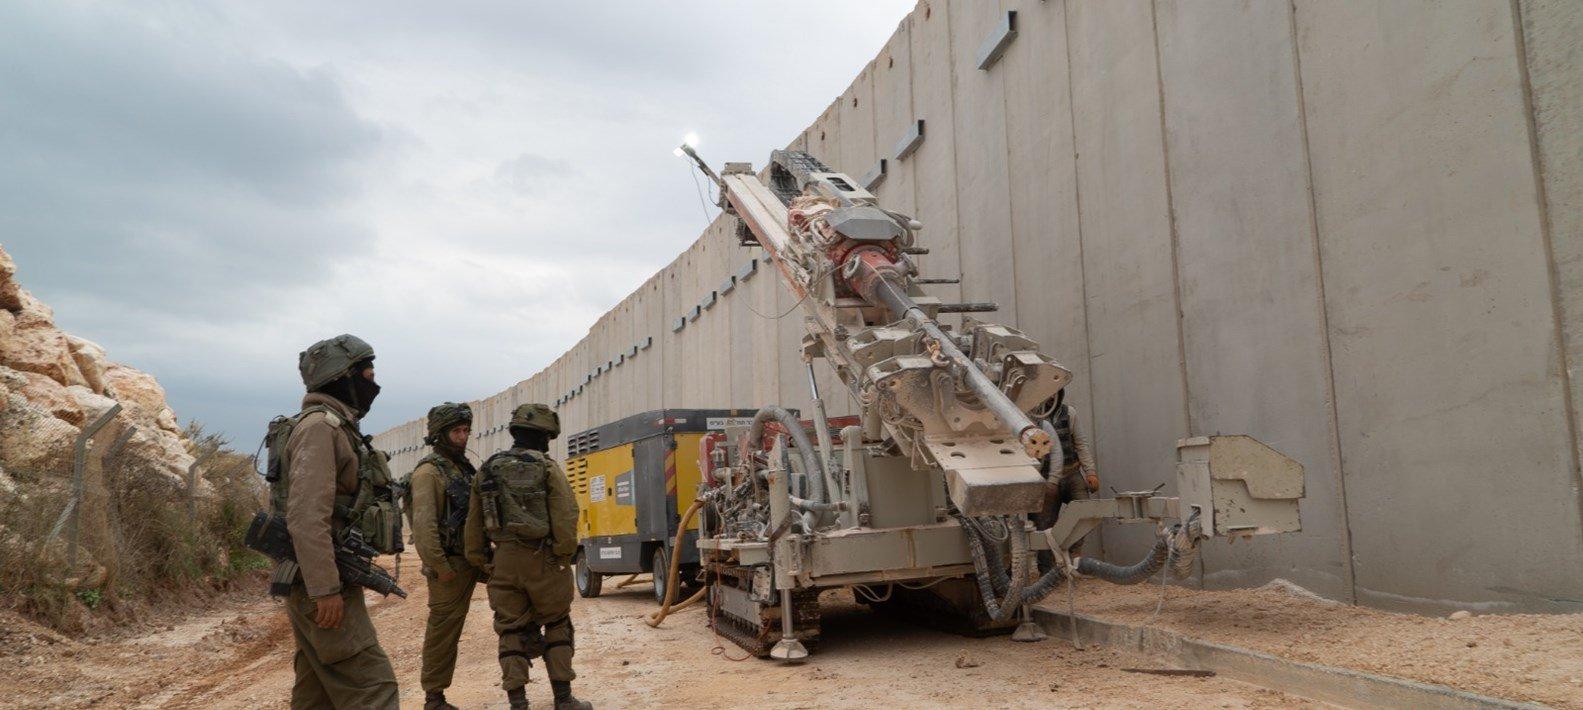 La Unión Europea apoya la operación de Israel contra los túneles de Hezbollah